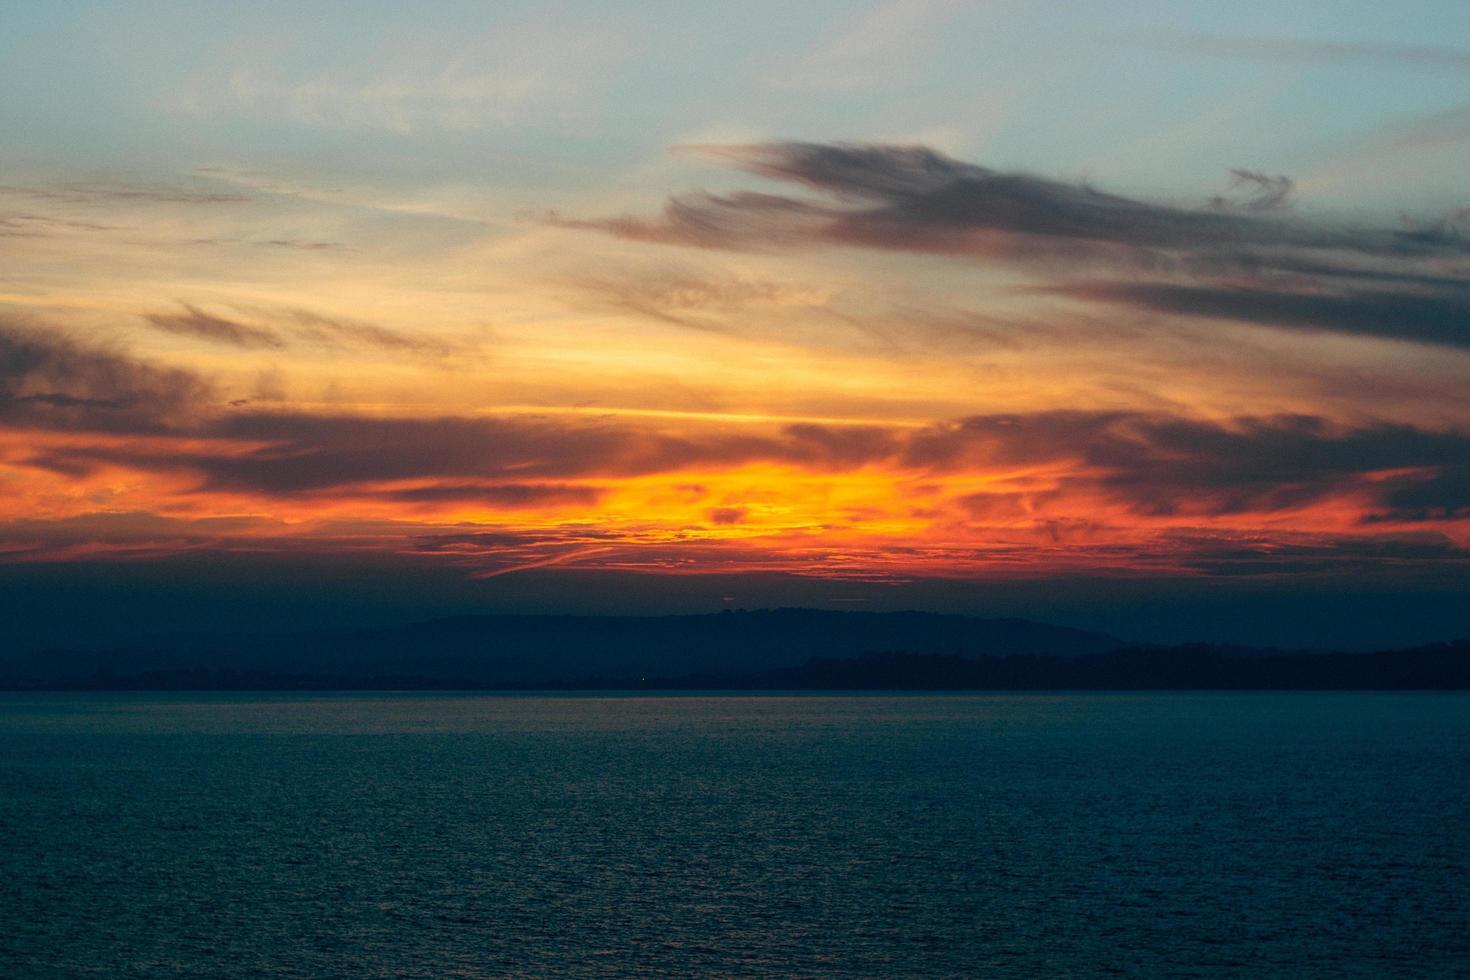 solnedgång från stranden foto